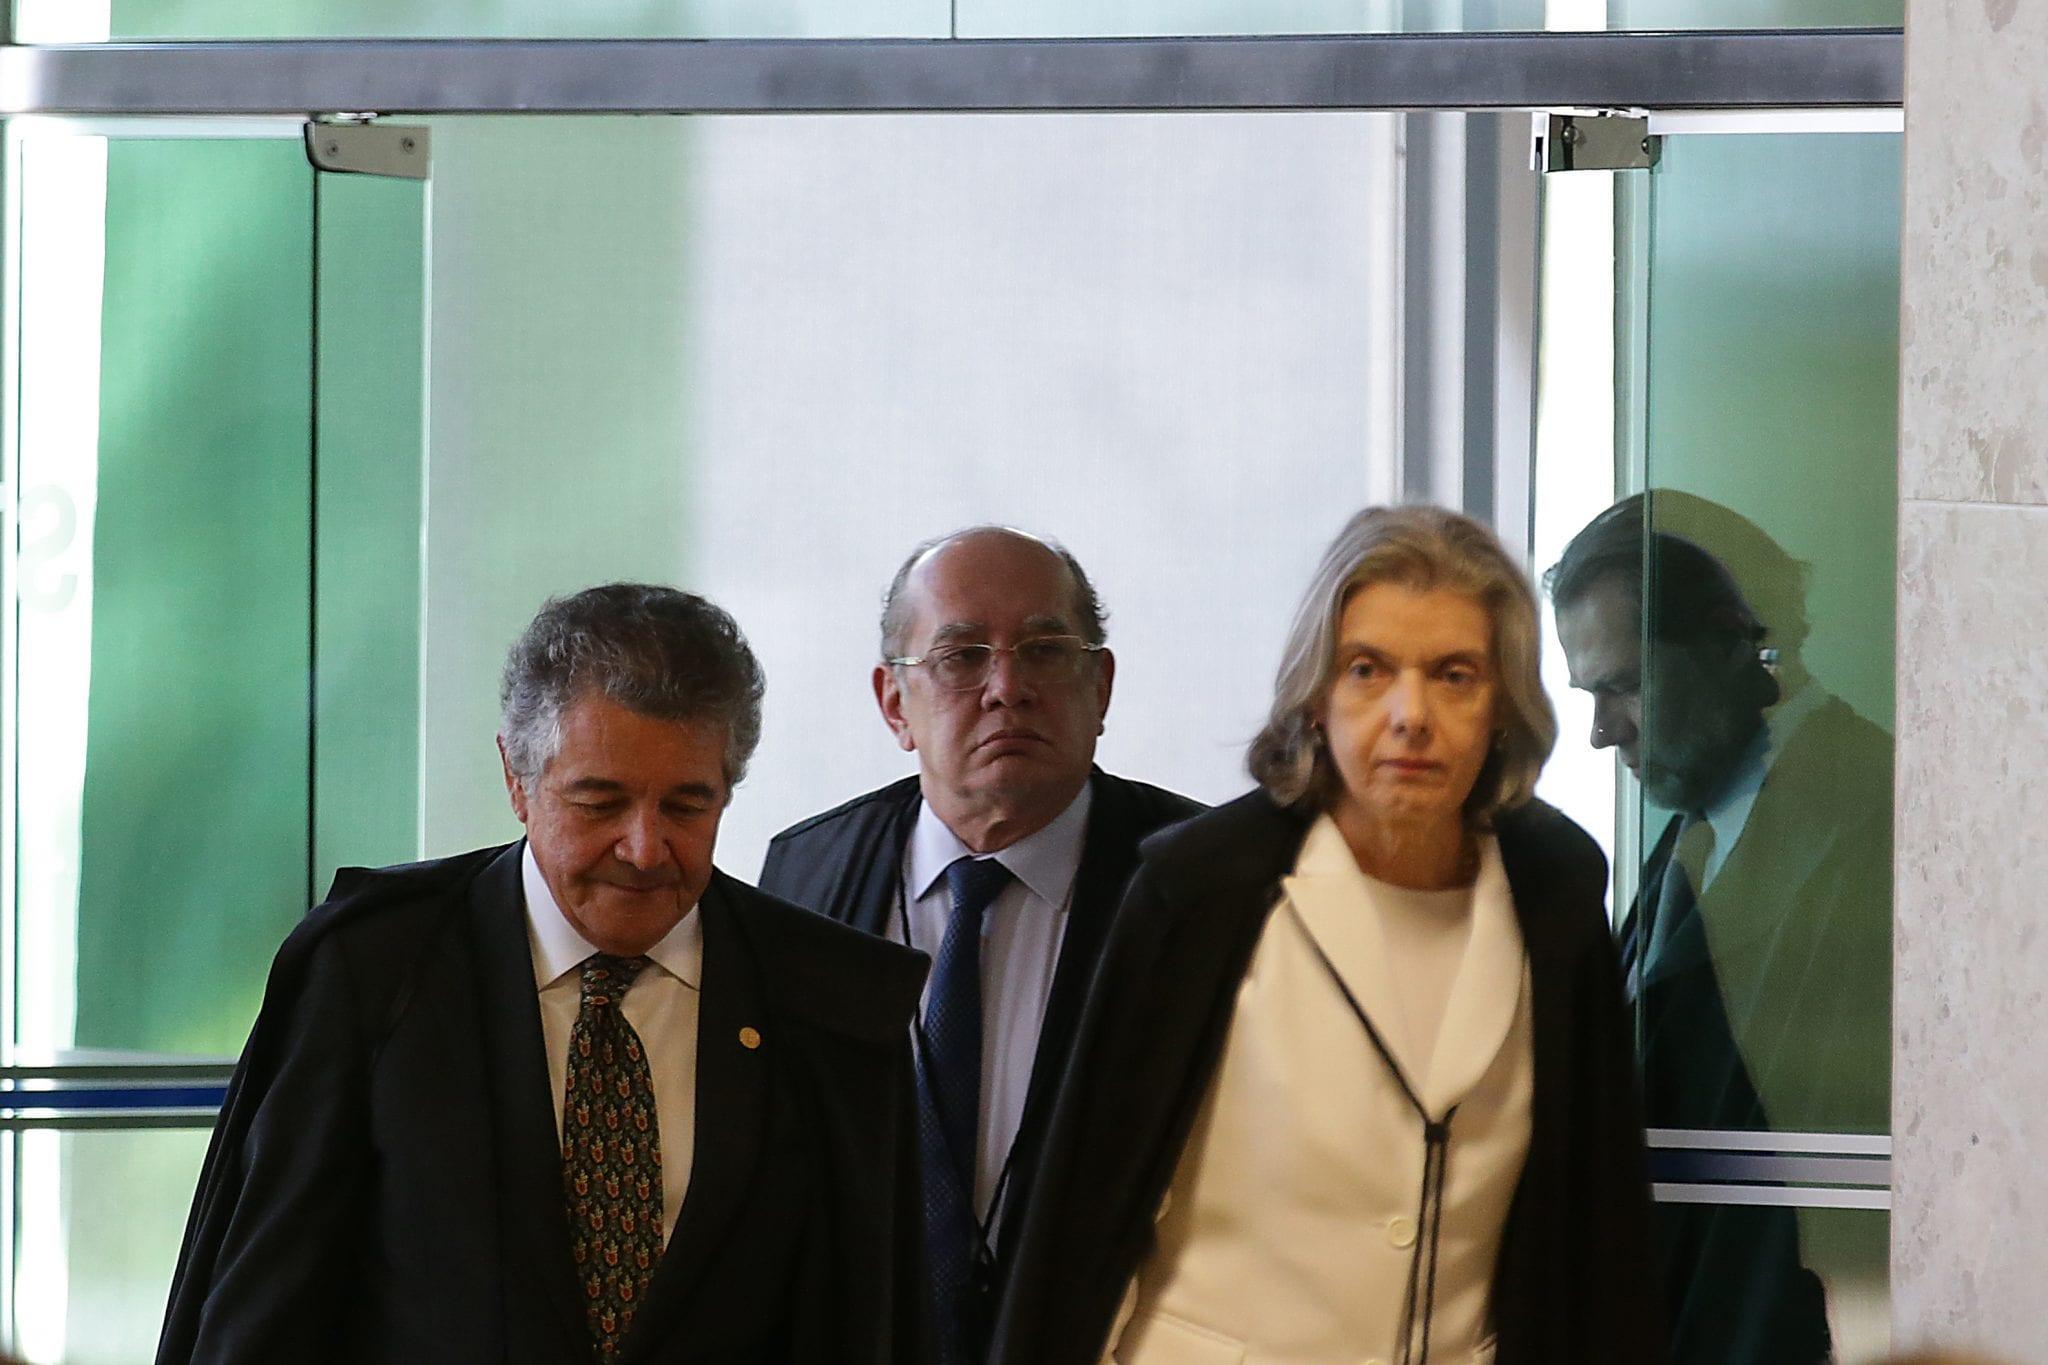 Os ministros Marco Aurélio, Gilmar Mendes e a presidente do Supremo Tribunal Federal (STF), Cármen Lúcia, durante sessão para julgamento sobre a restrição ao foro privilegiado (Antonio Cruz/Agência Brasil)